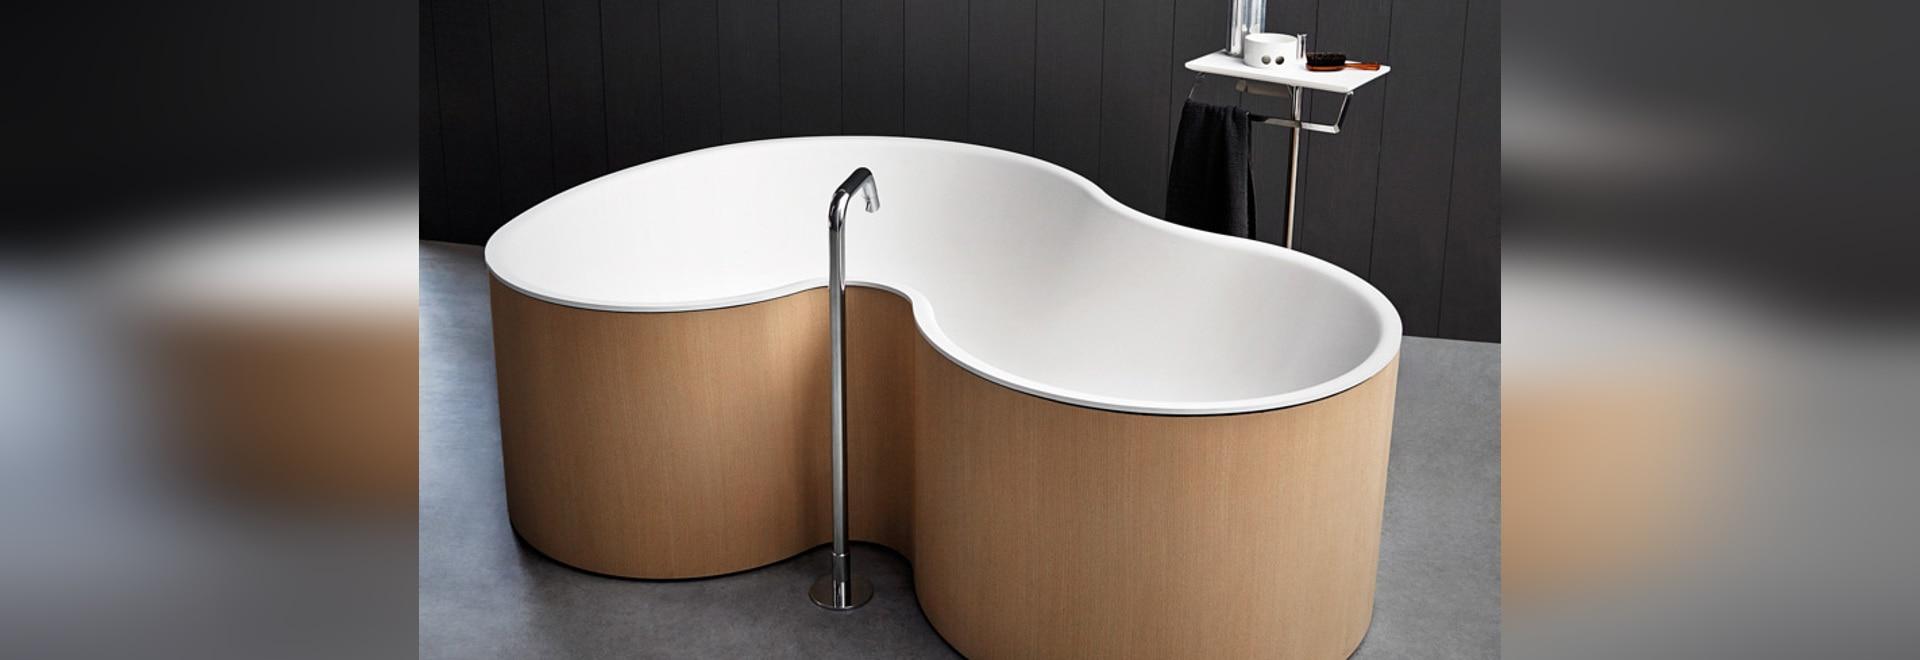 Disegno dello studio mk27 una vasca da bagno curvy per a bocca ...